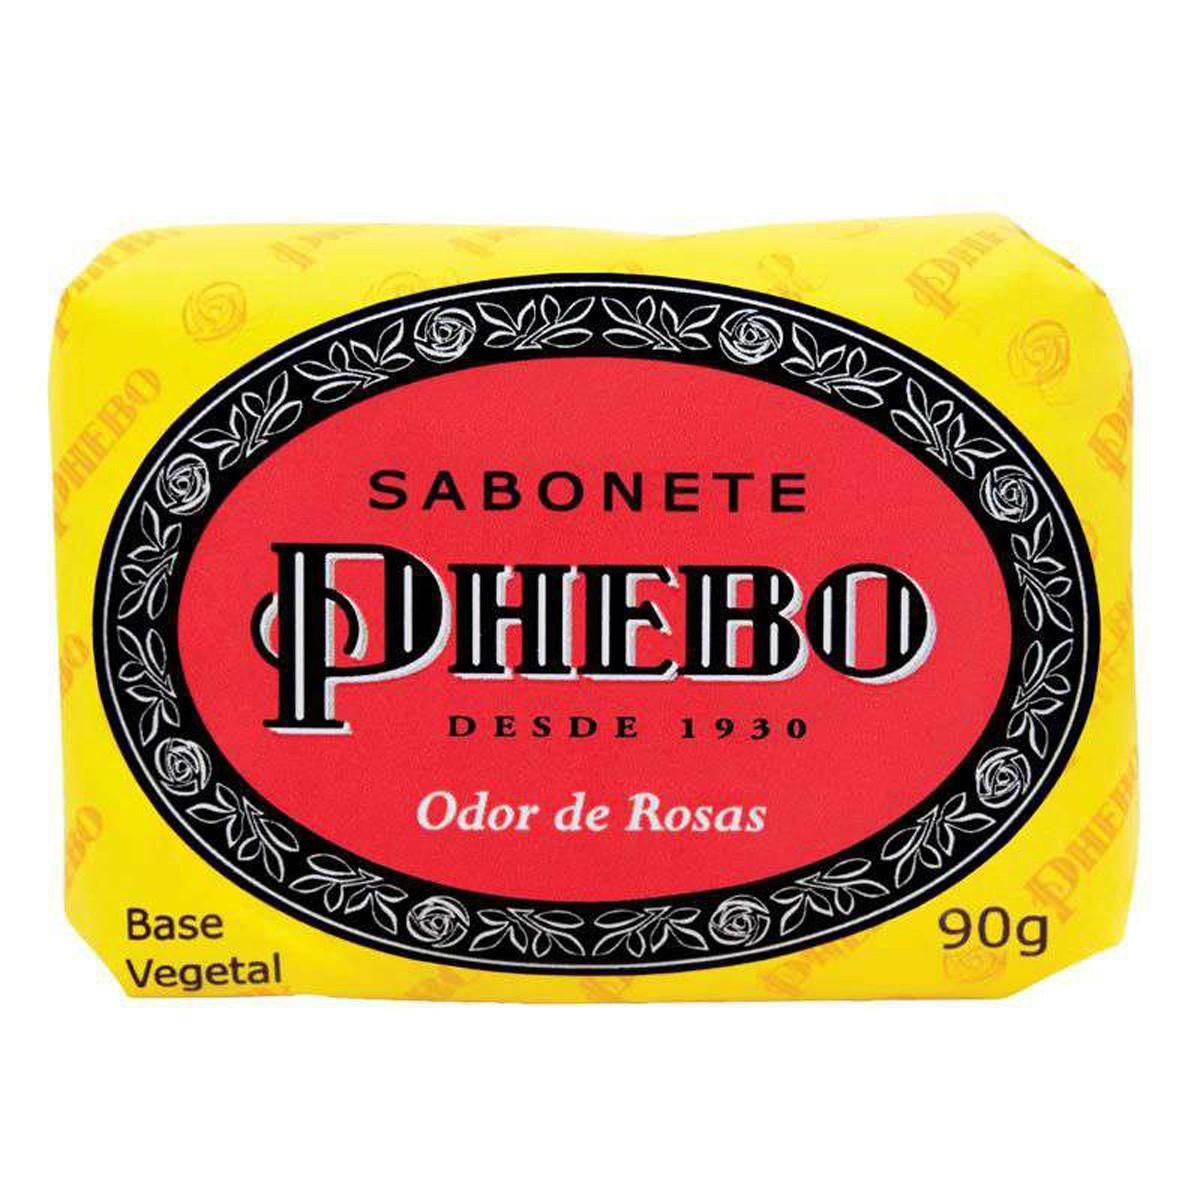 Phebo Sabonete Glicerina Odor De Rosas 90 G